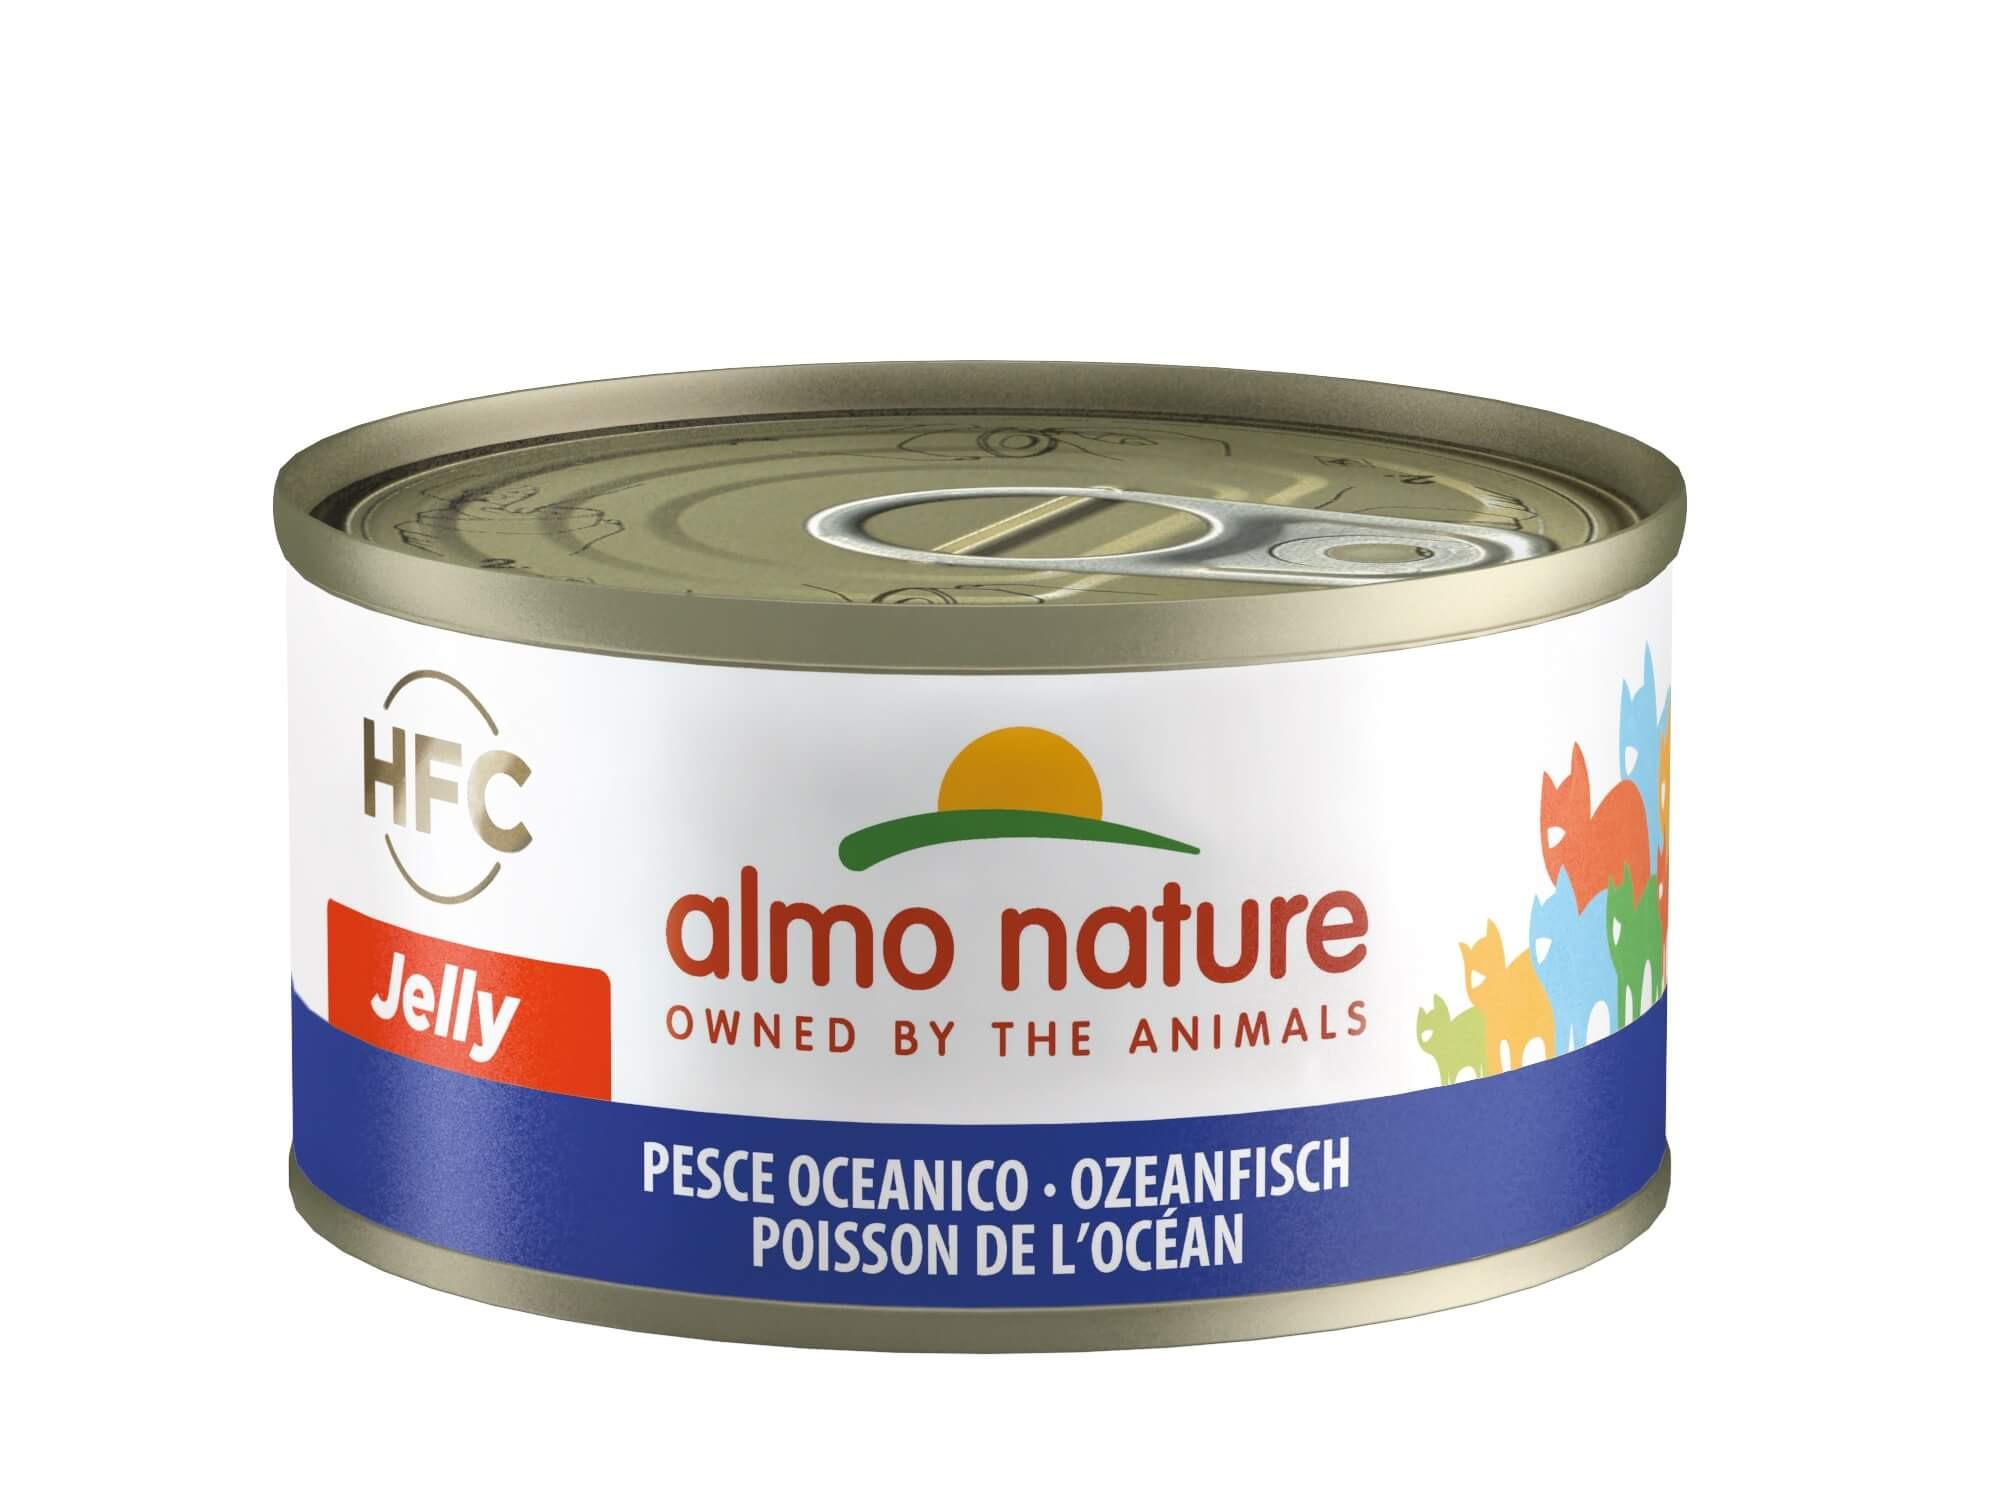 Almo Nature HFC Jelly Ozeanfisch Katzenfutter